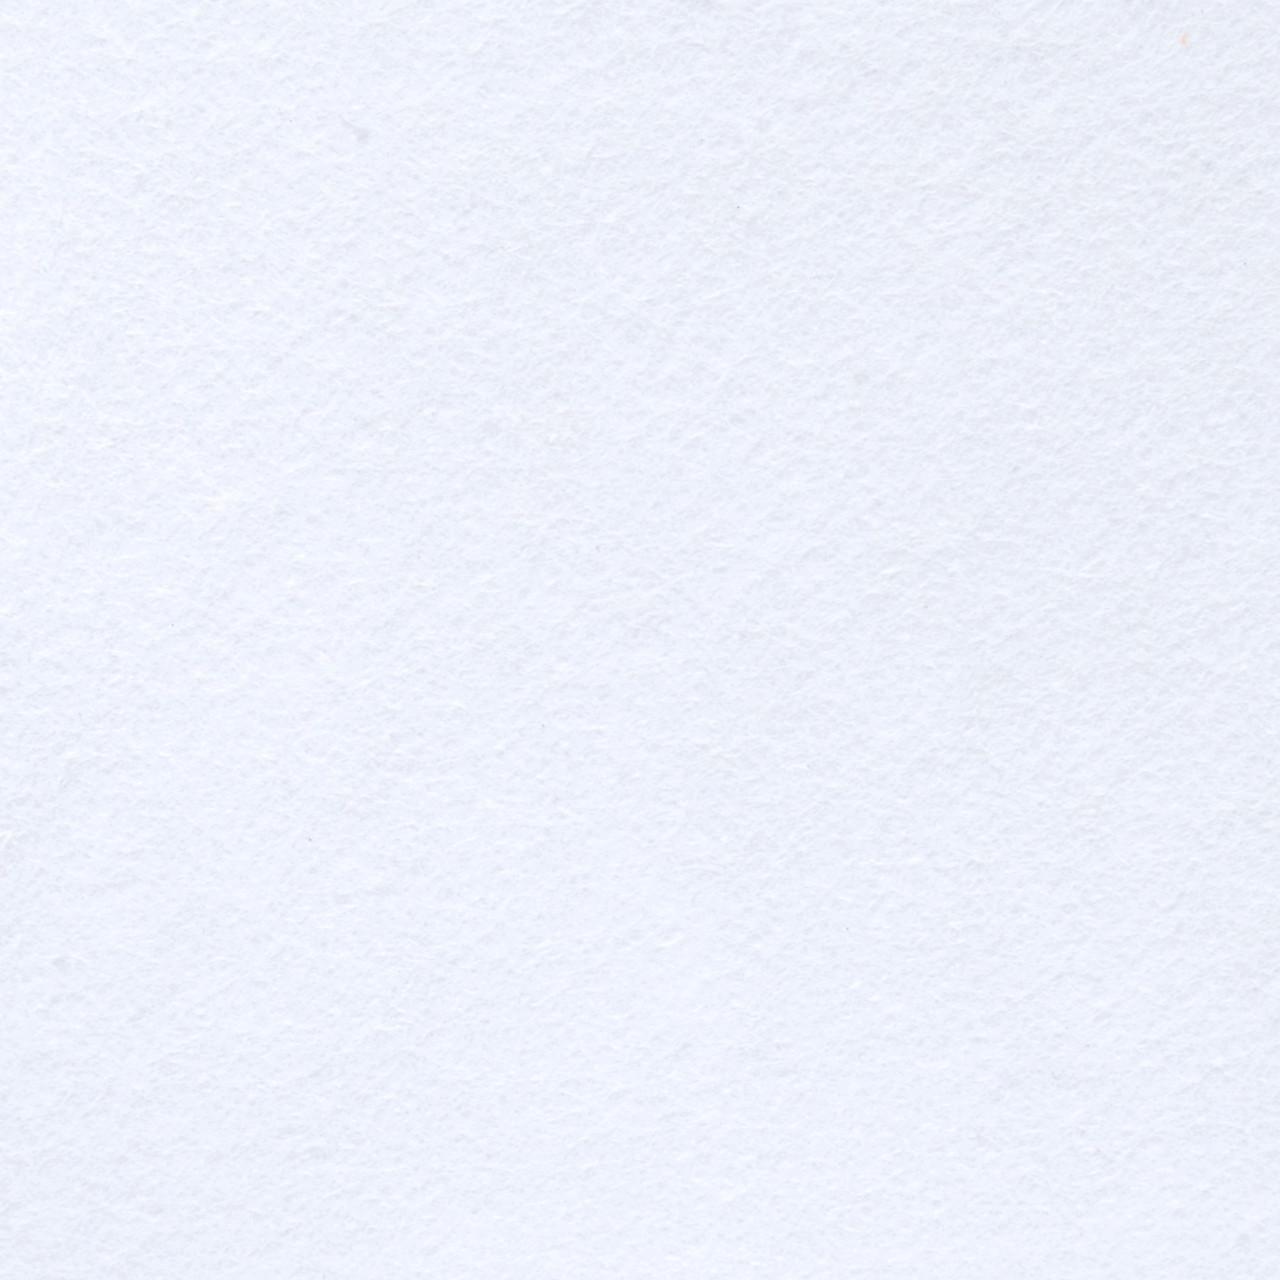 Фетр клеевой жесткий 1 мм, 20x30 см, БЕЛЫЙ